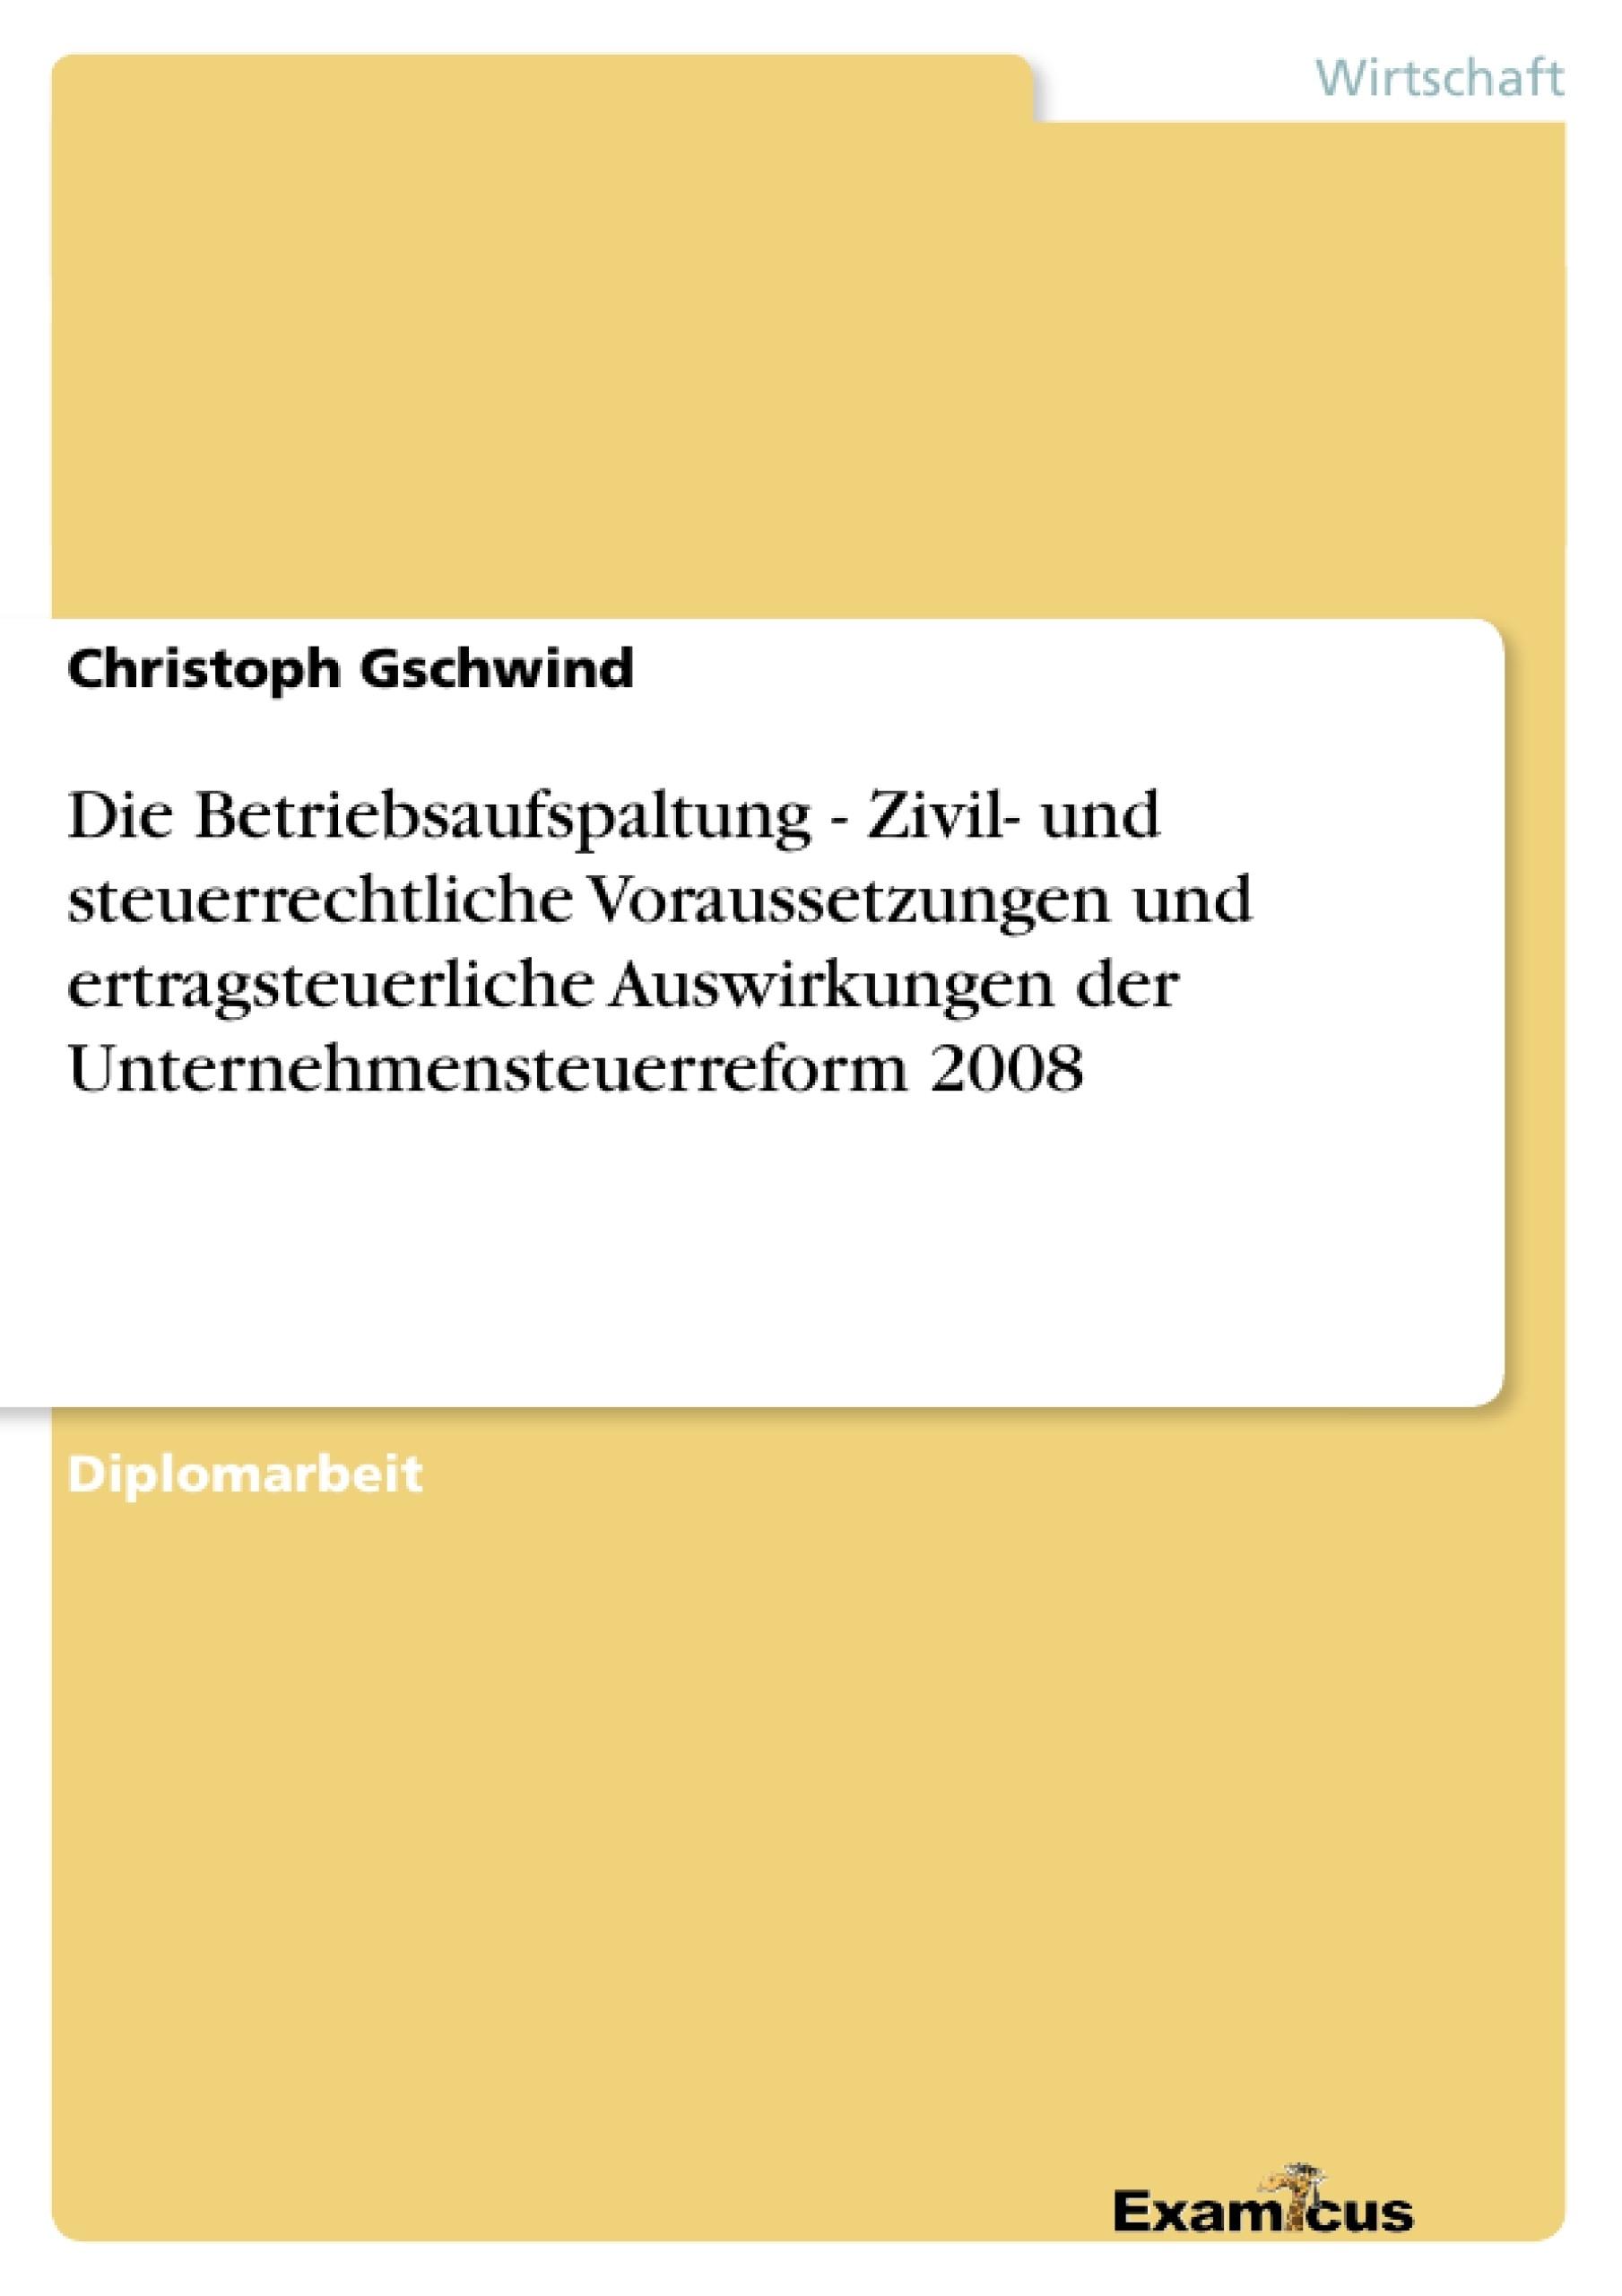 Titel: Die Betriebsaufspaltung - Zivil- und steuerrechtliche Voraussetzungen und ertragsteuerliche Auswirkungen der Unternehmensteuerreform 2008